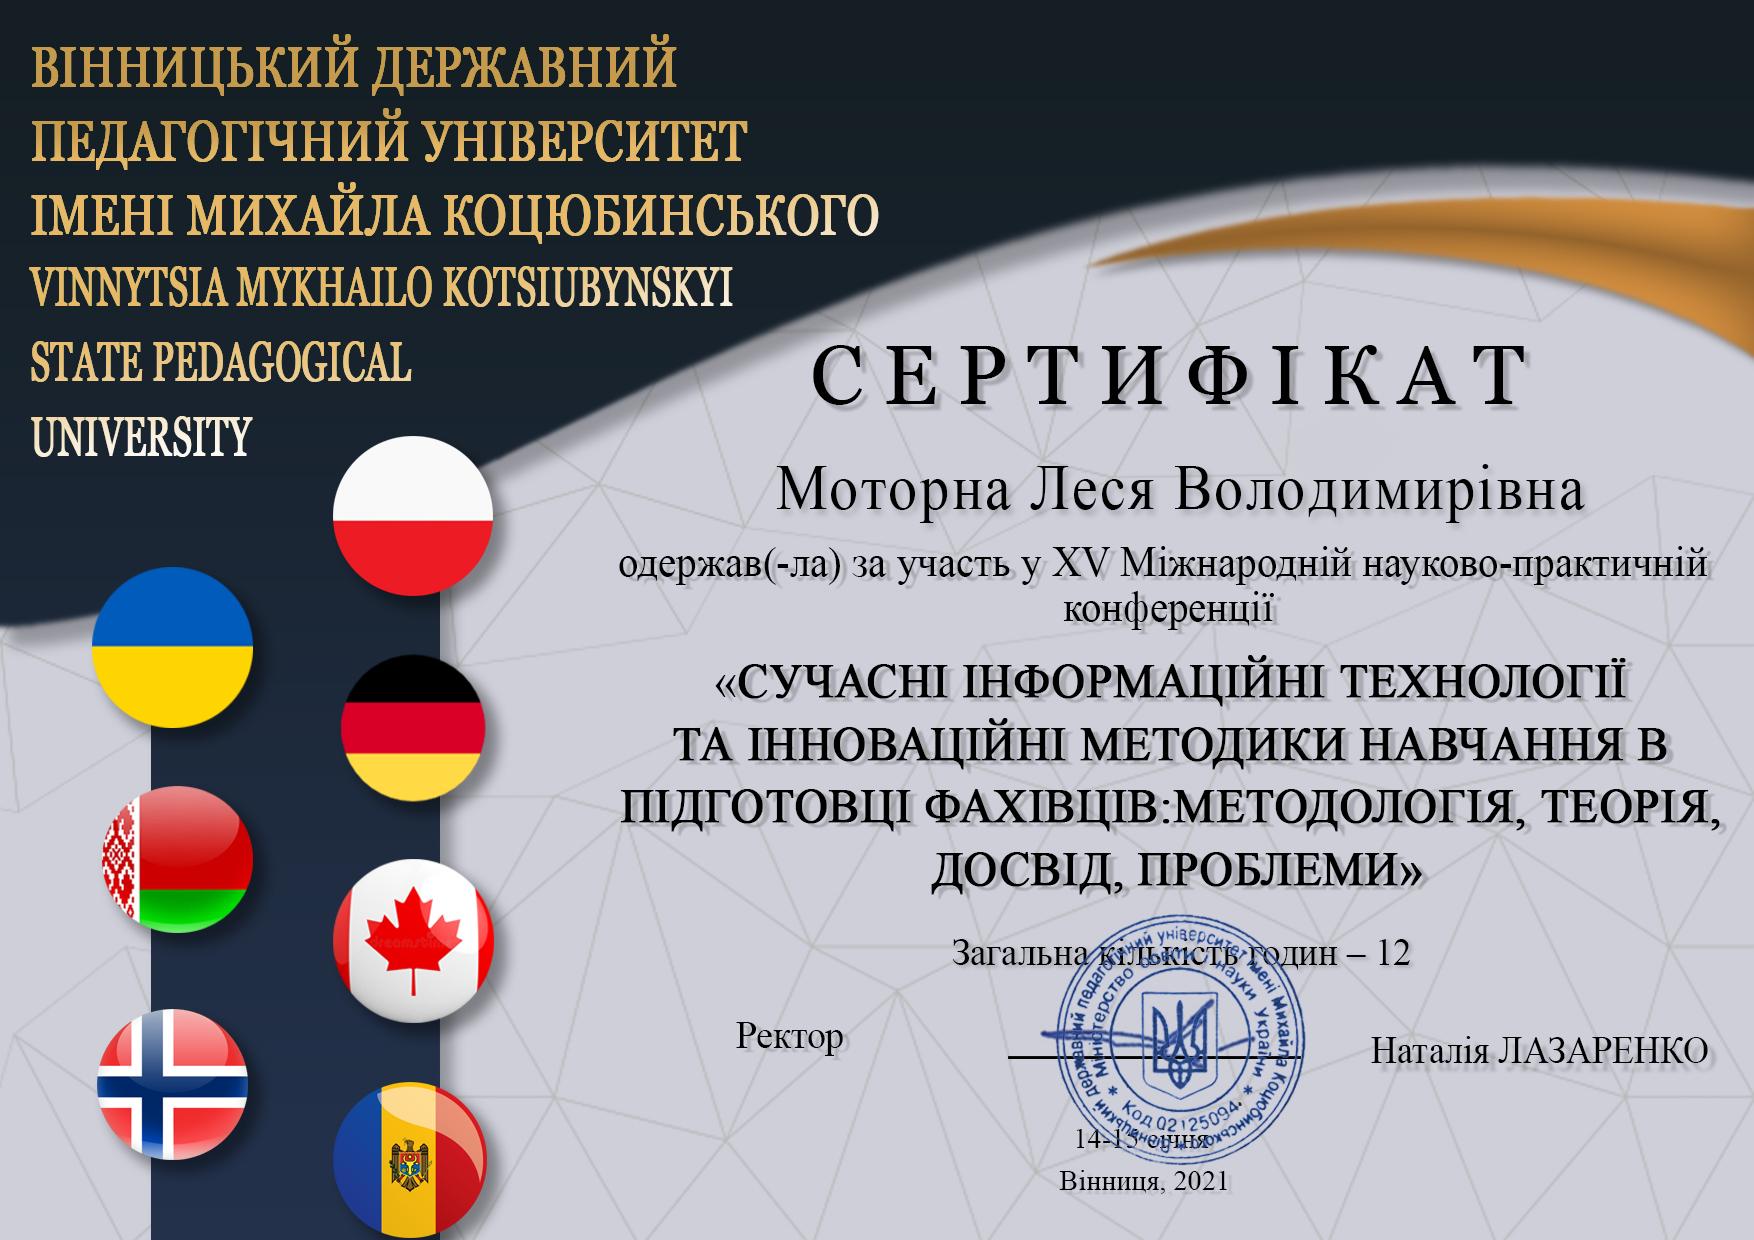 Моторна Леся Володимирівна